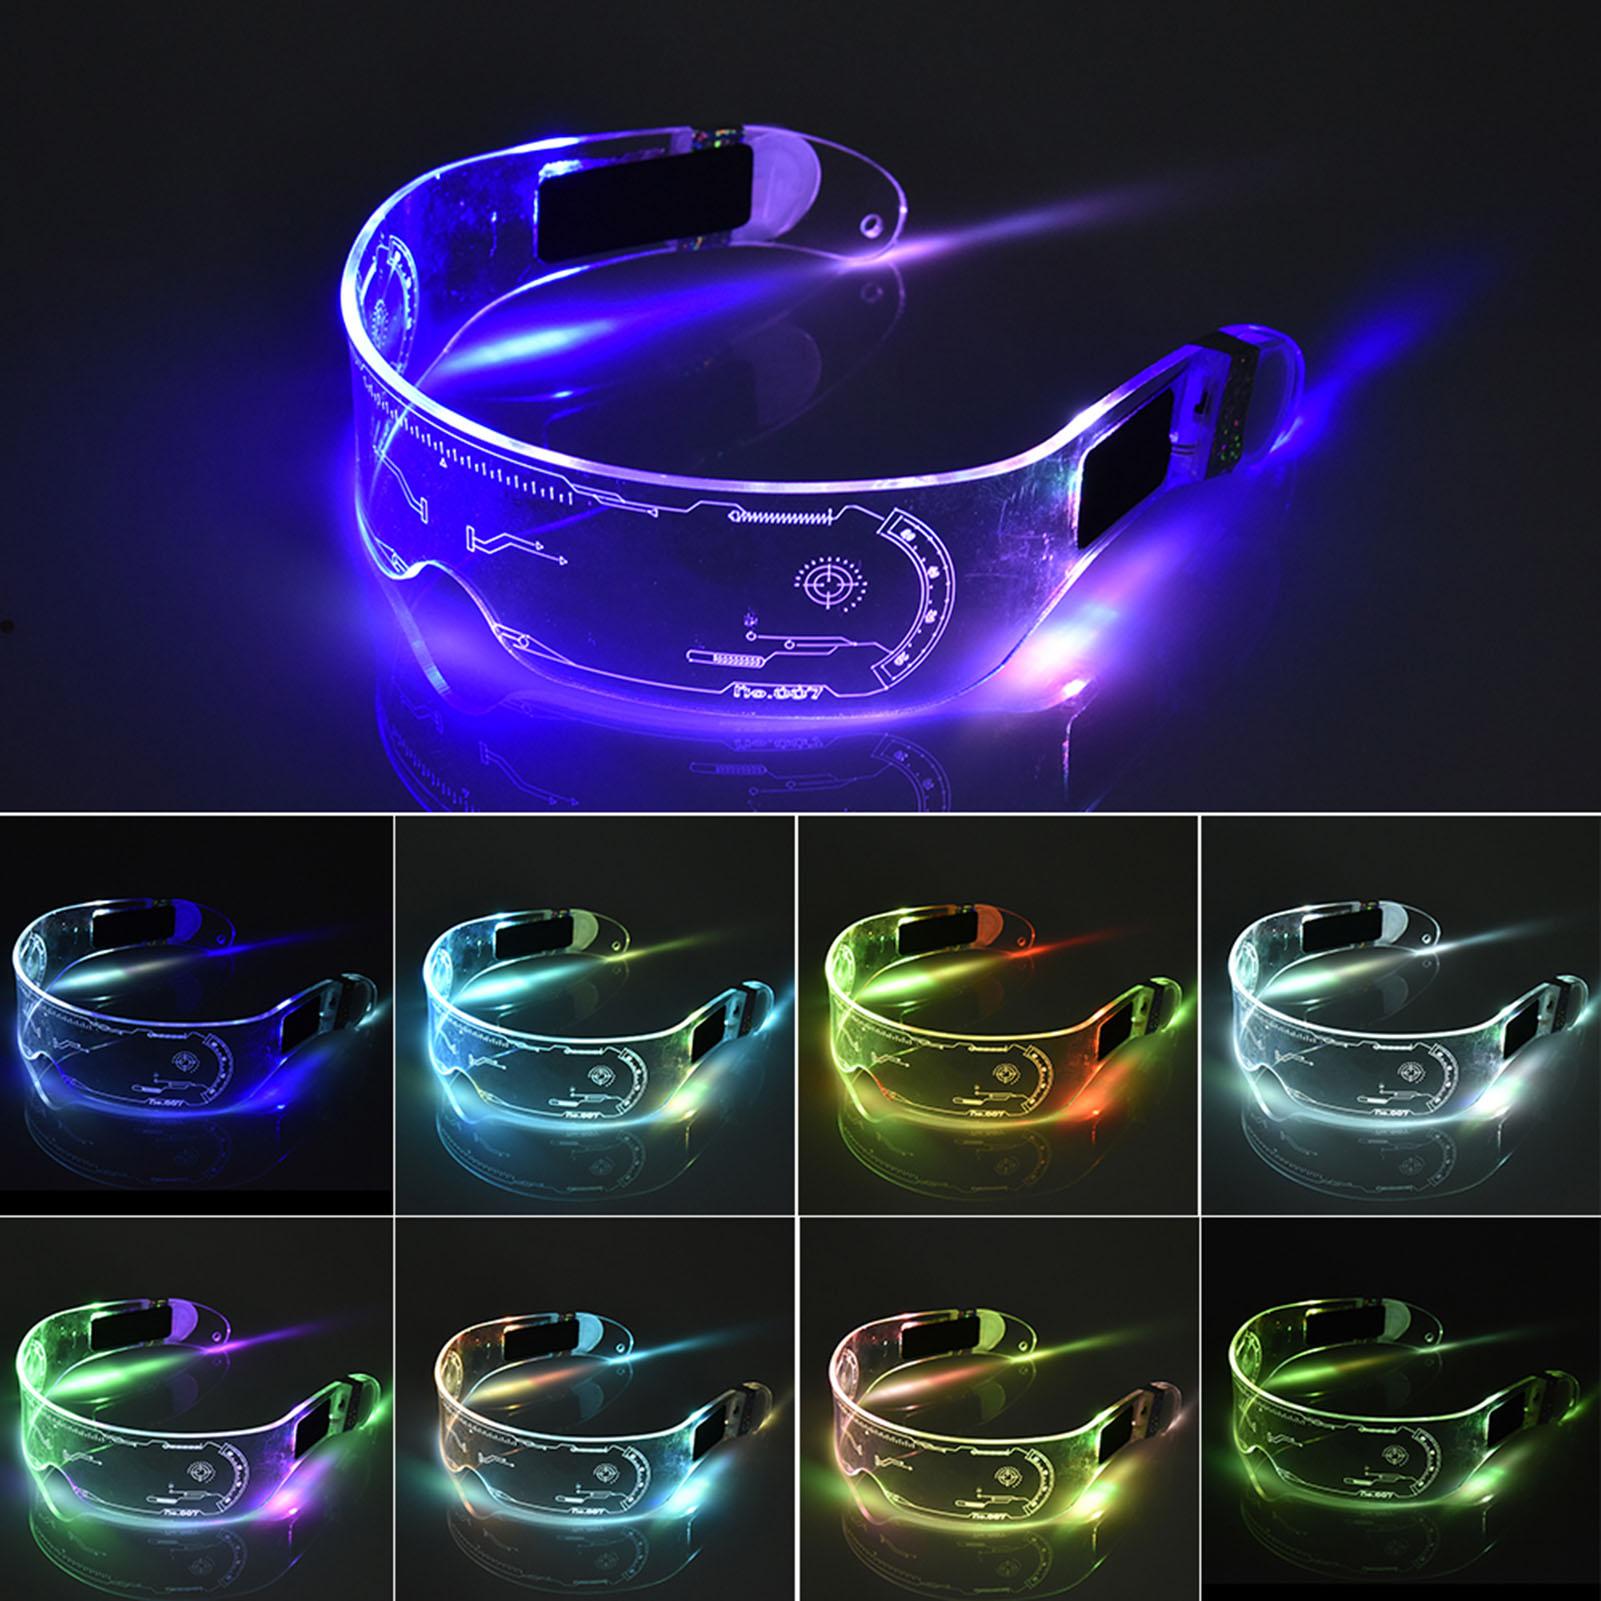 LED Luminous Glasses LED Glasses EL Wire Neon Light Up Visor Eyeglasses Bar Party EyeWare For Hallow